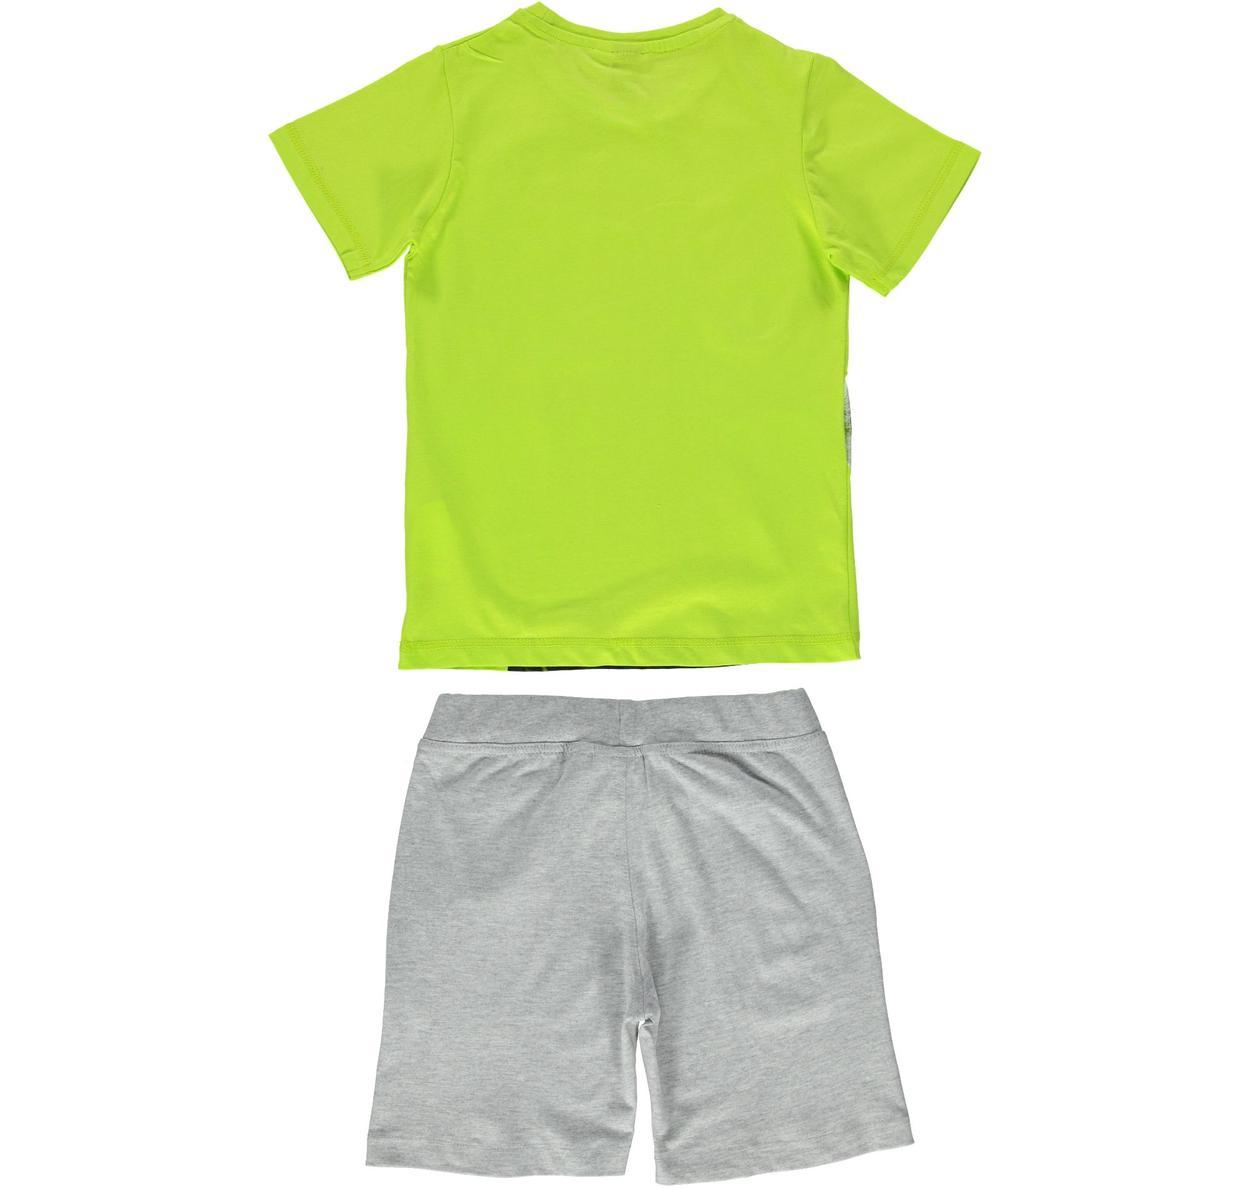 Completo 100% cotone con t-shirt stampa basket per bambino da 3 a 16 anni  iDO. VERDE-NERO-8376 back. BIANCO-NERO-8057. VERDE-NERO-8376. VERDE-GRIGIO-  ... 952cbd684664